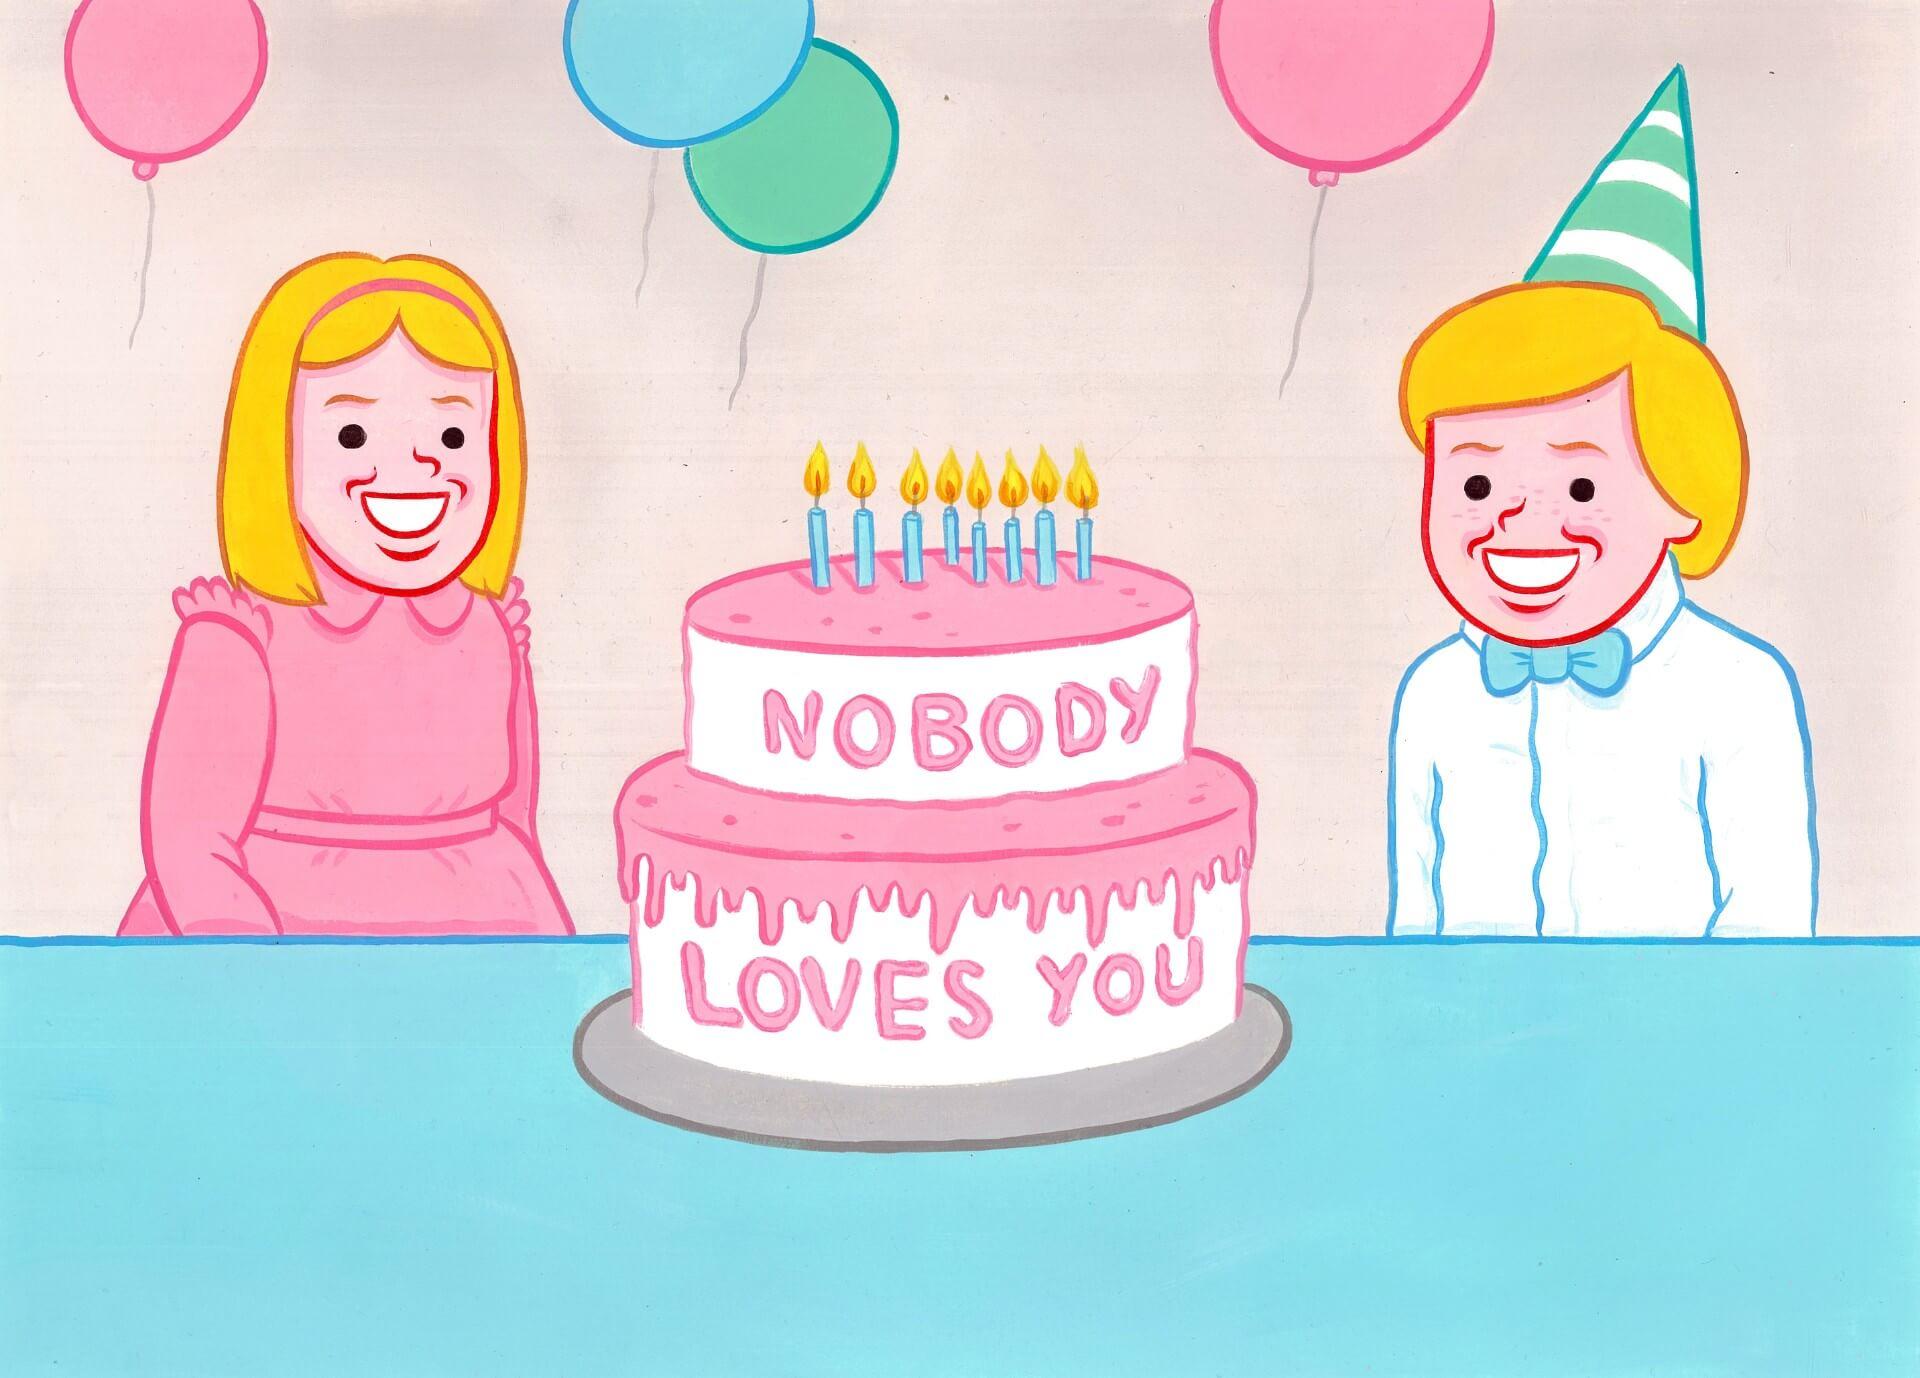 Nobodylovesyou.jpg